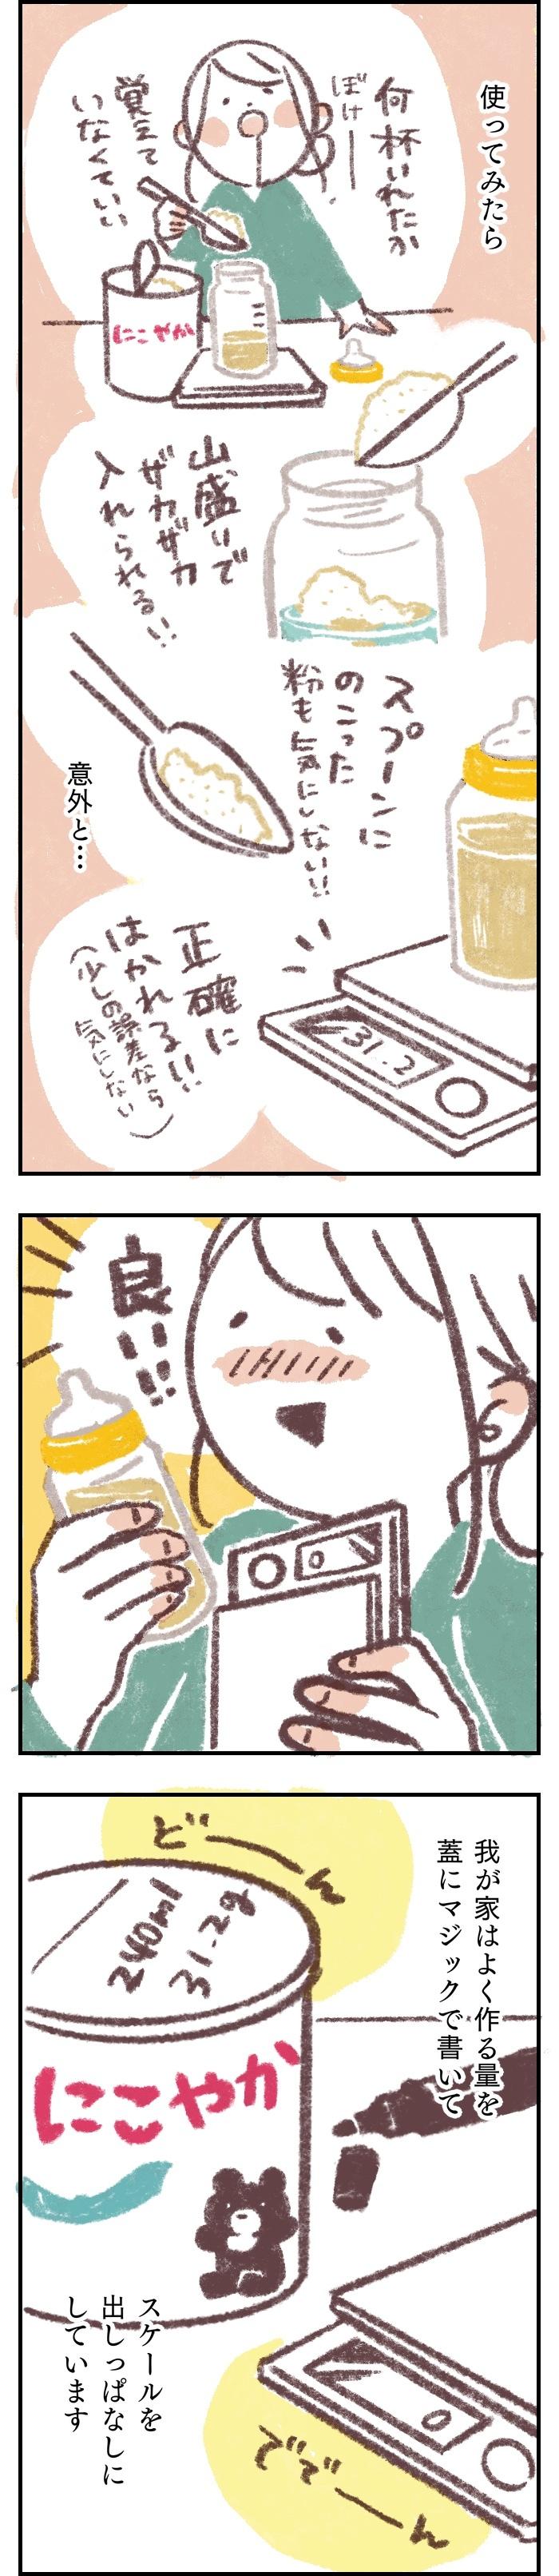 粉ミルク計量あるある「今何杯目だっけ!?」スプーンの便利な代用品はコレ!の画像3